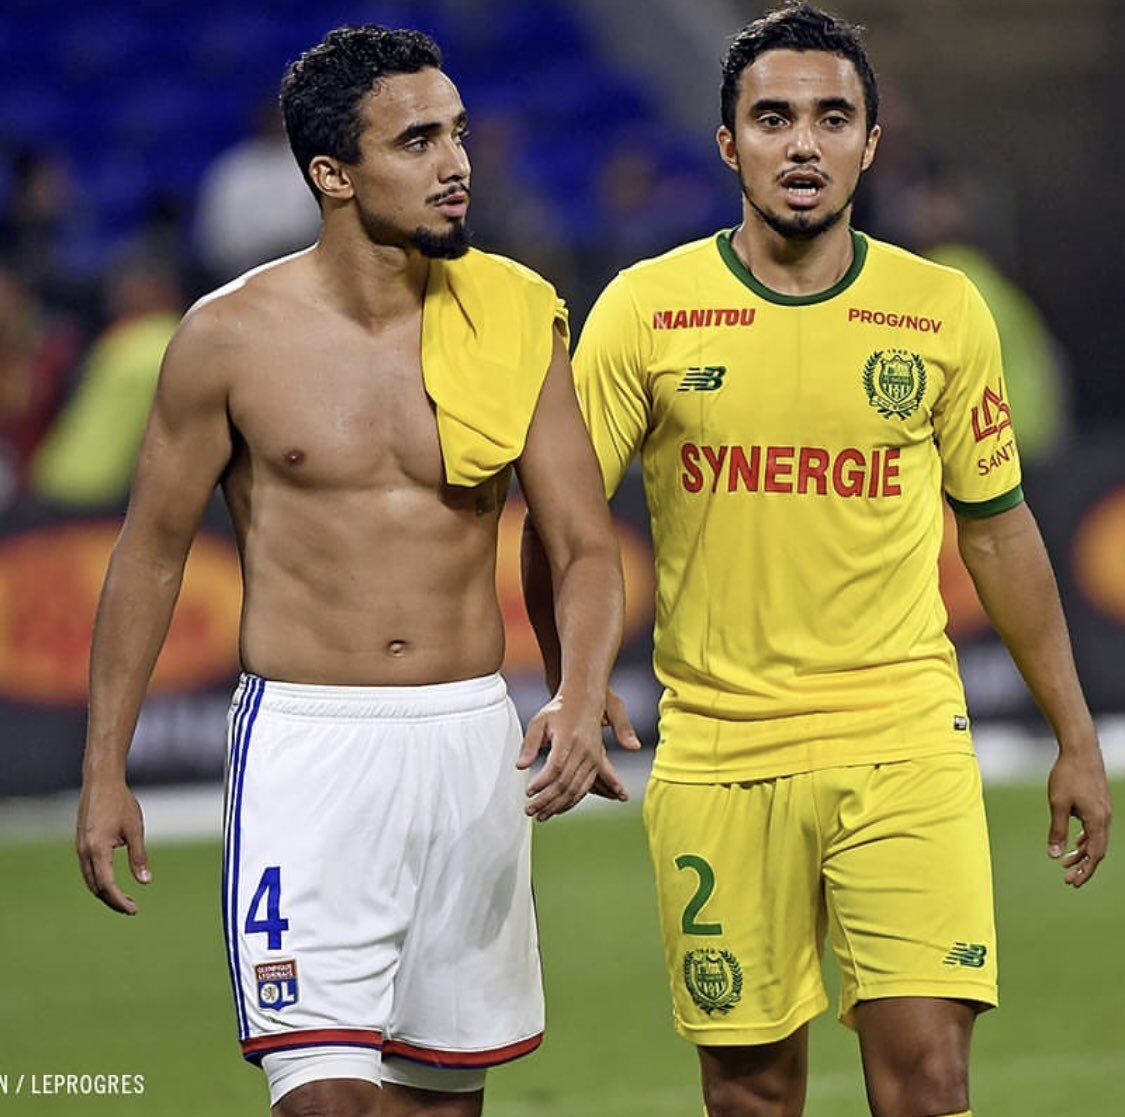 Conheça Fábio e Rafael, os gêmeos brasileiros que disputam o campeonato francês